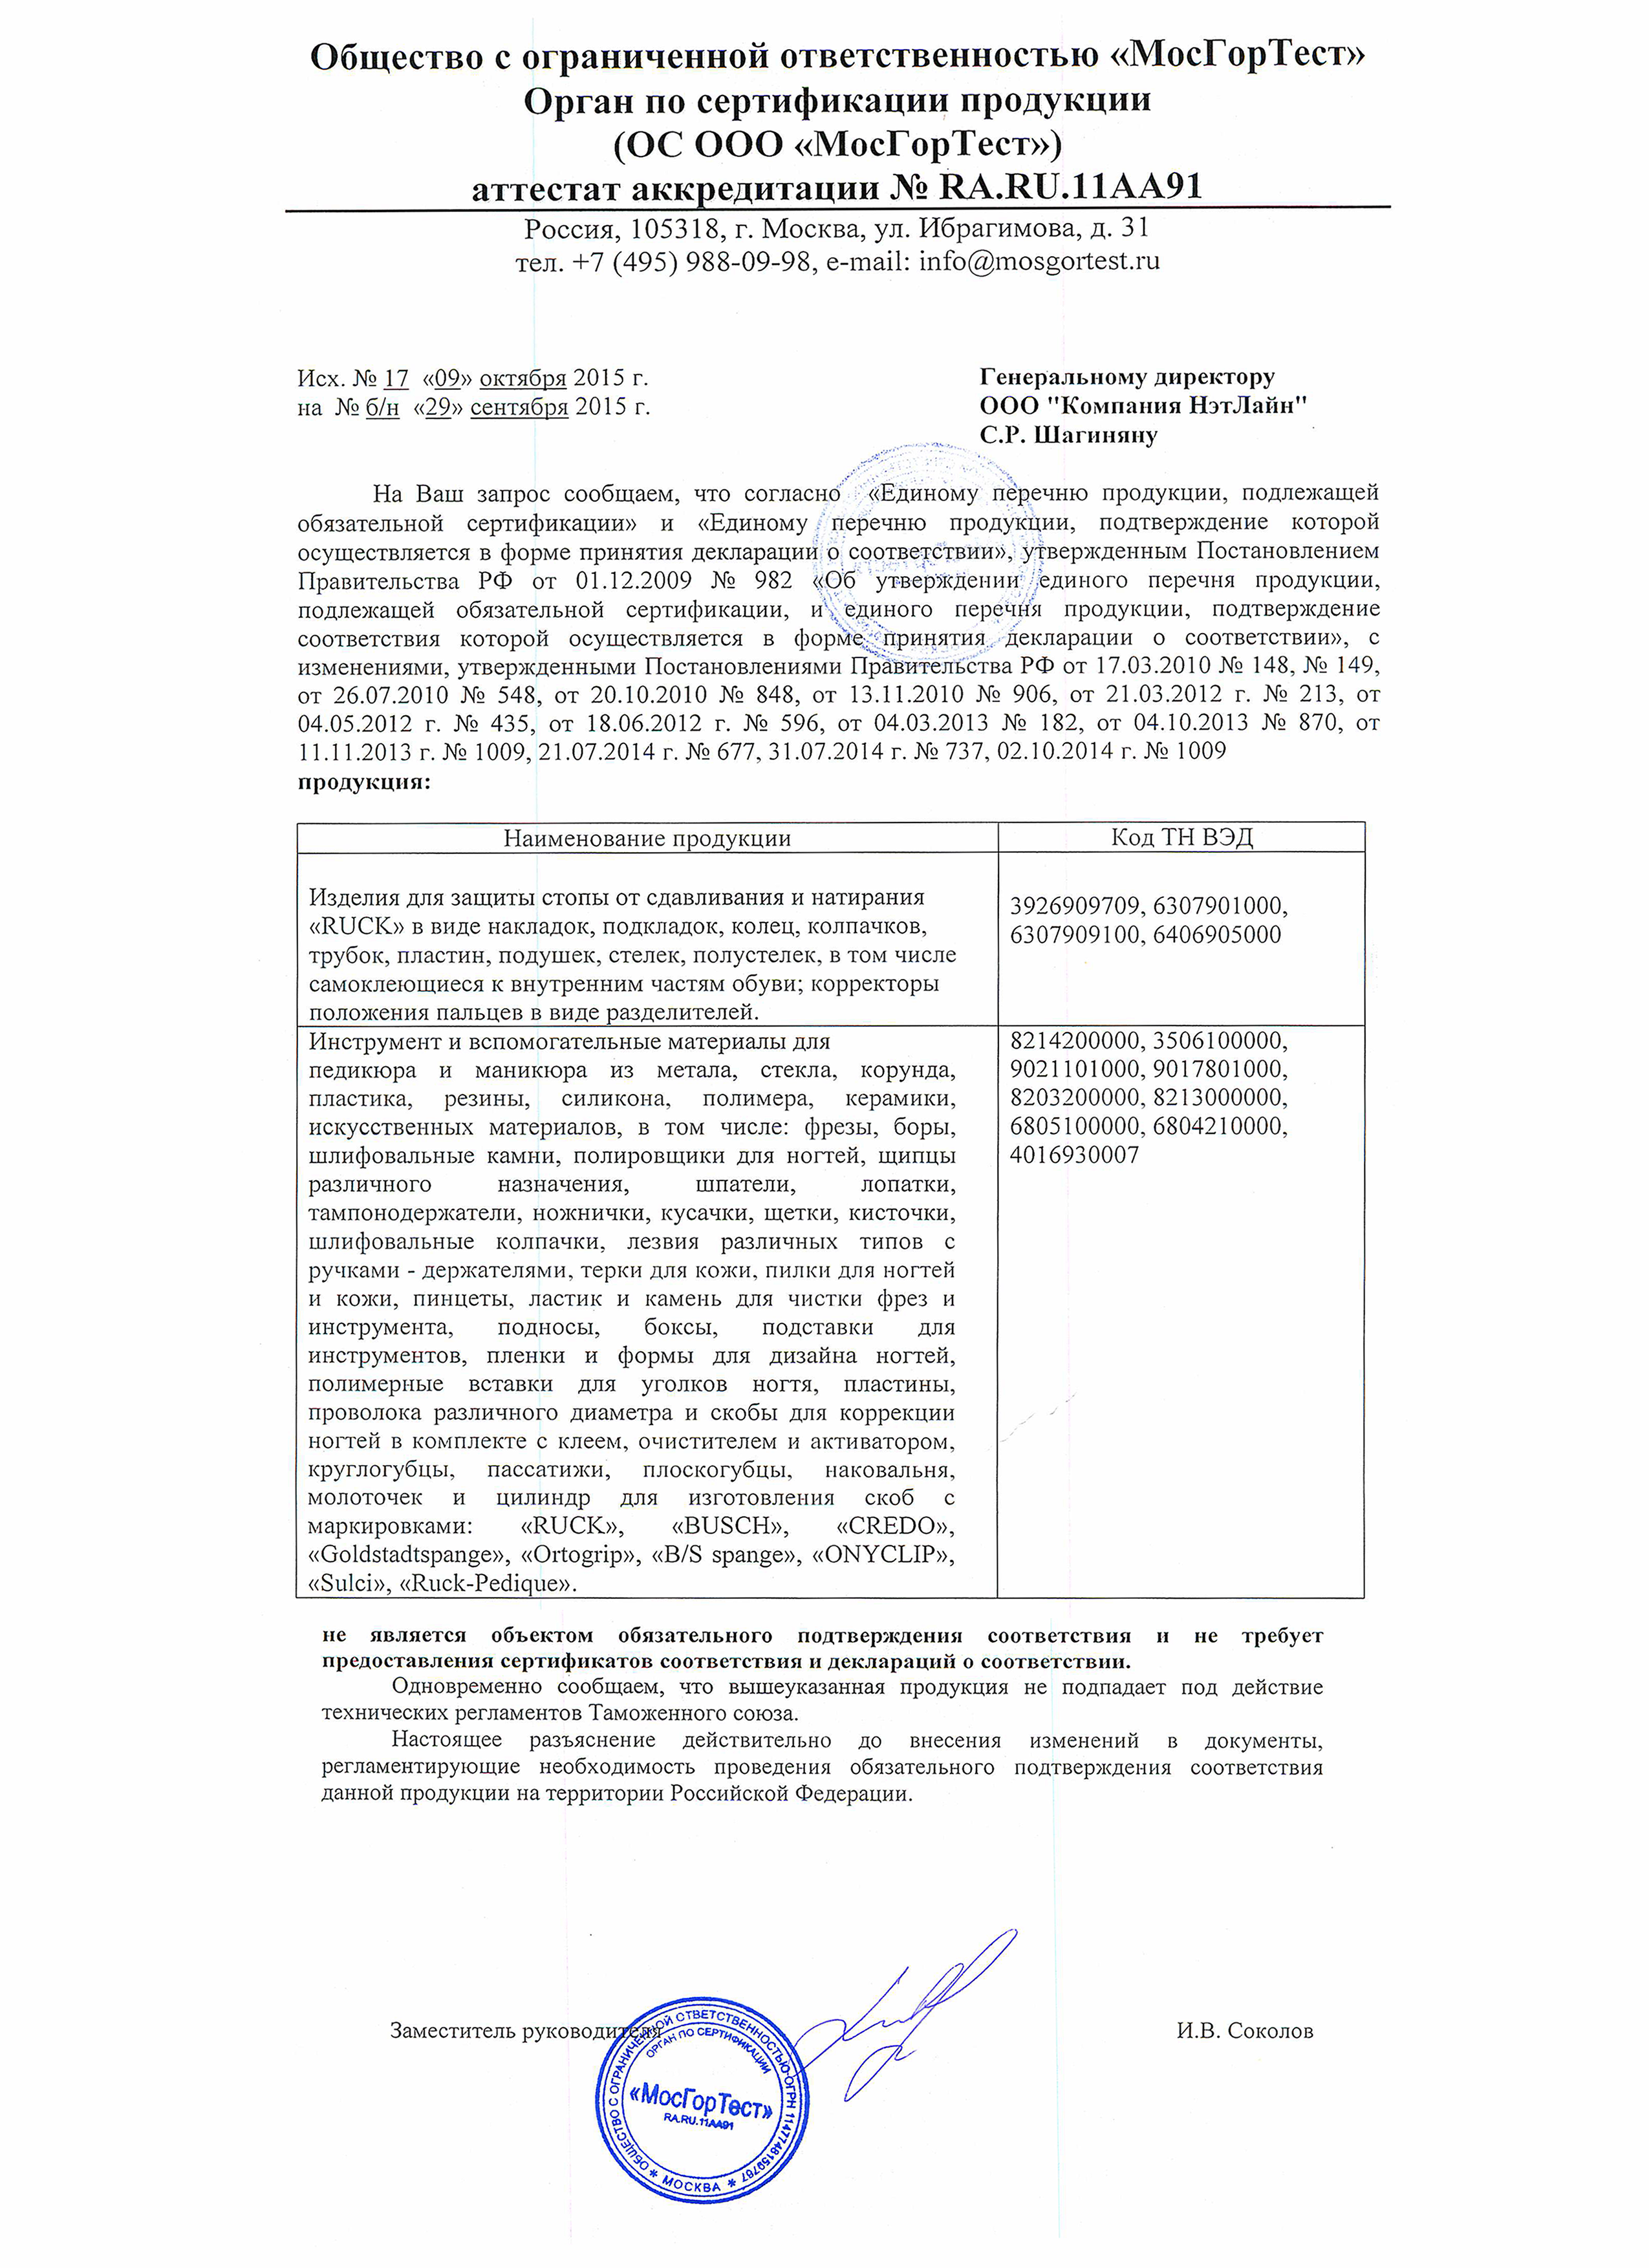 sertifikat-11